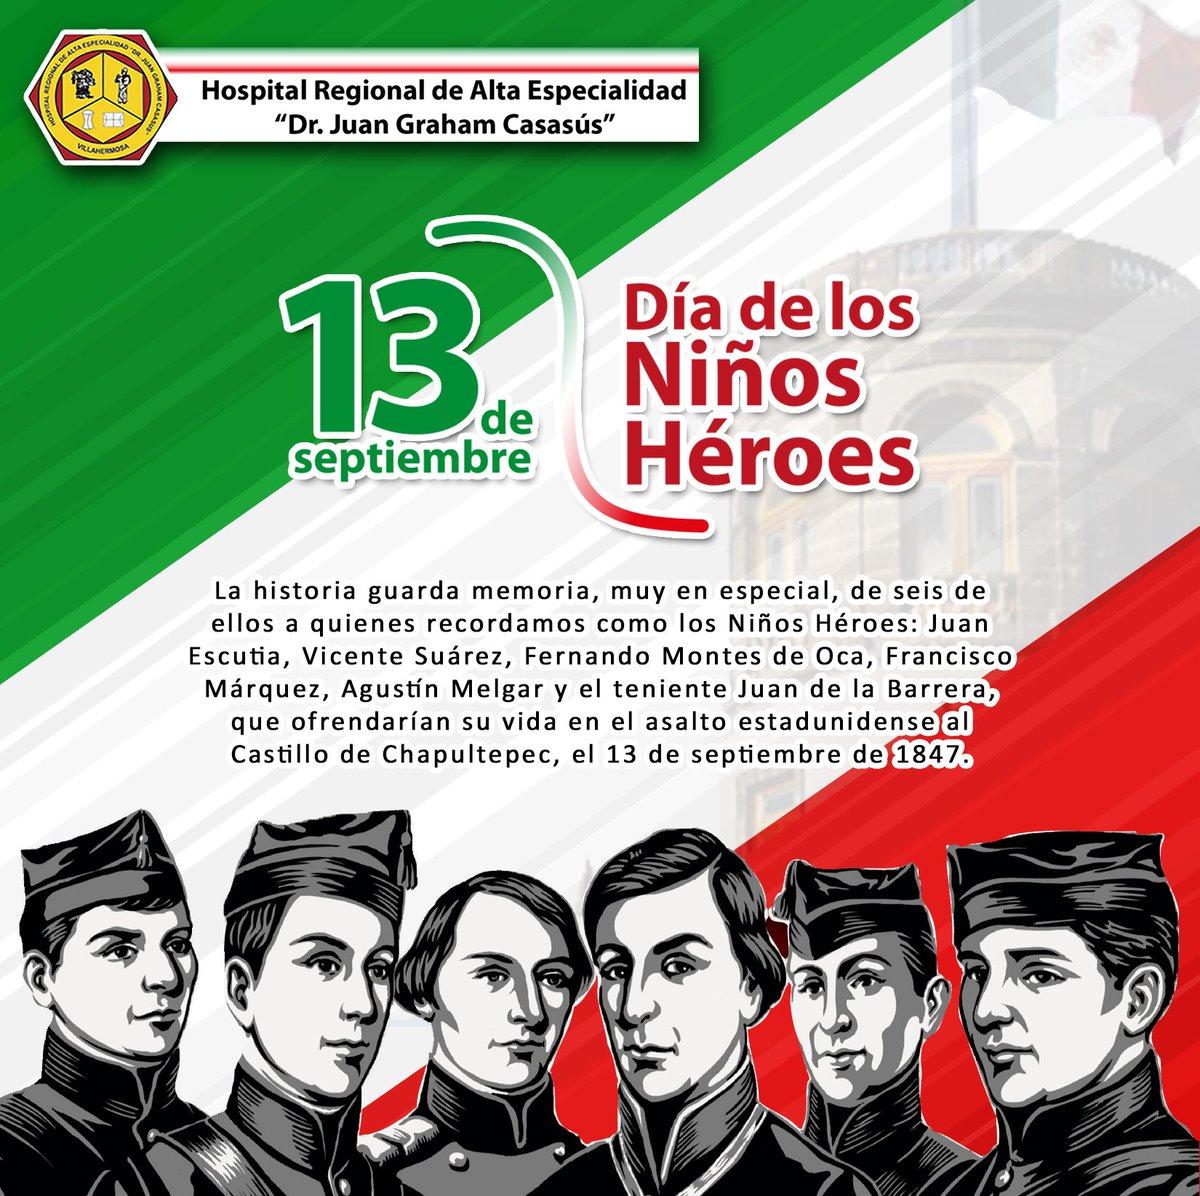 13 de septiembre dia de los ninos heroes